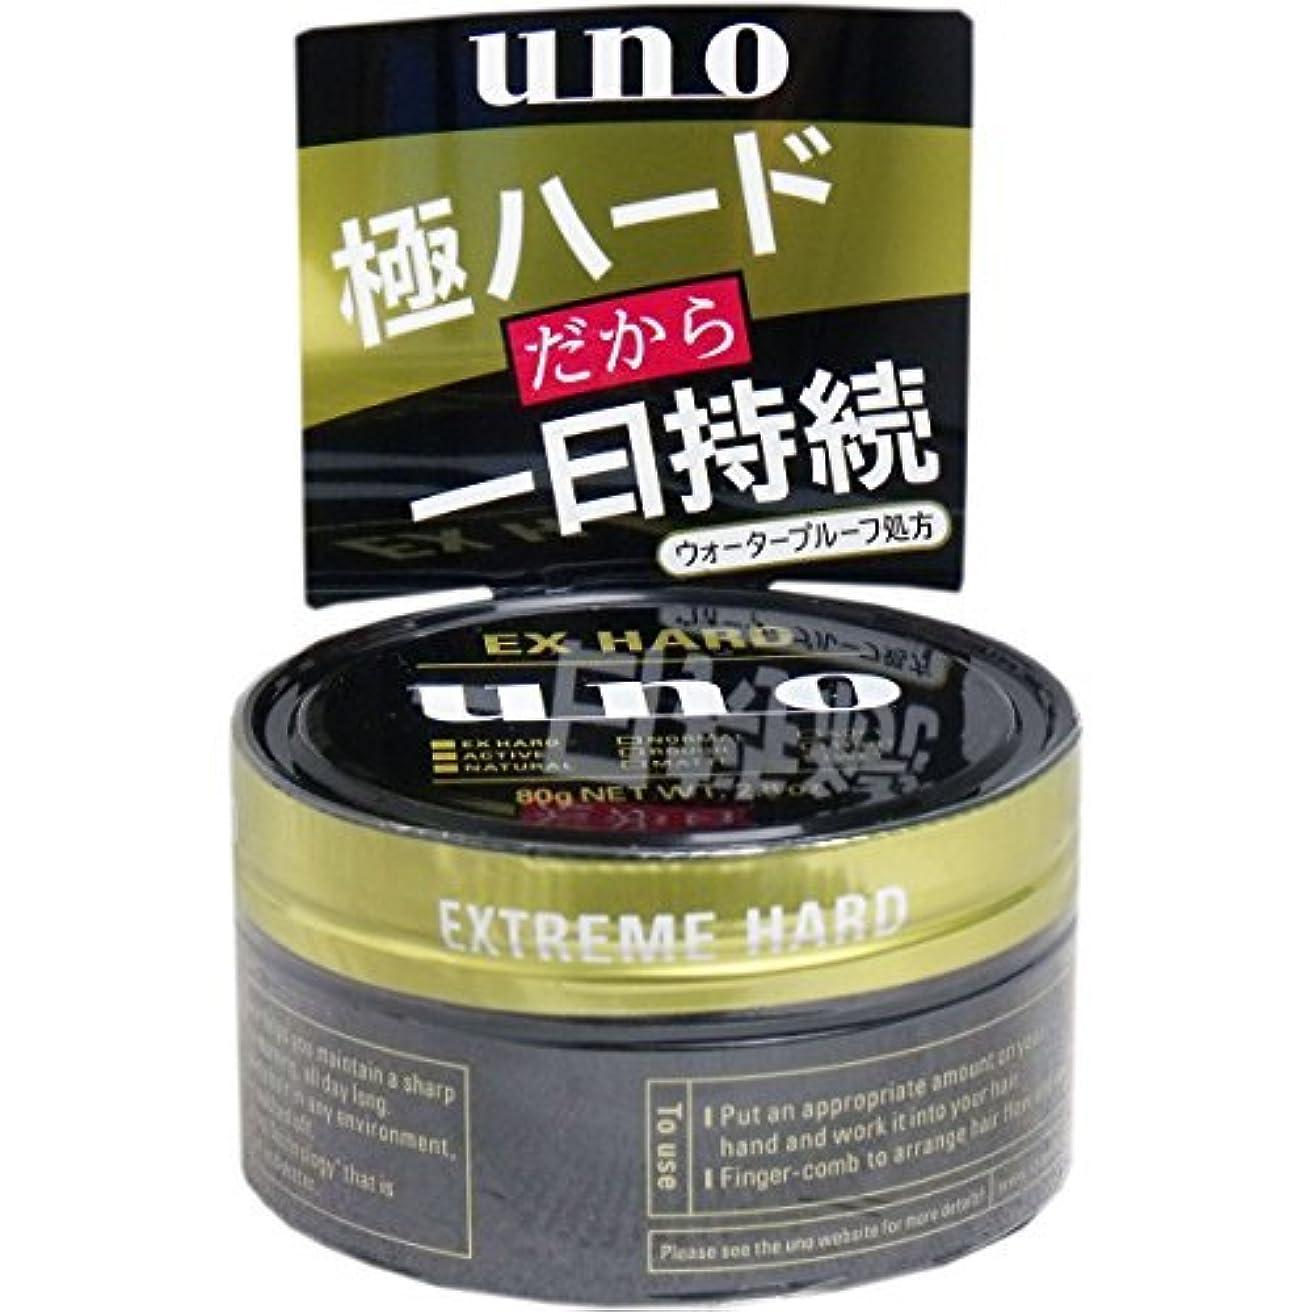 魅力的衝動配管UNO(ウーノ) エクストリームハード 整髪料 80g